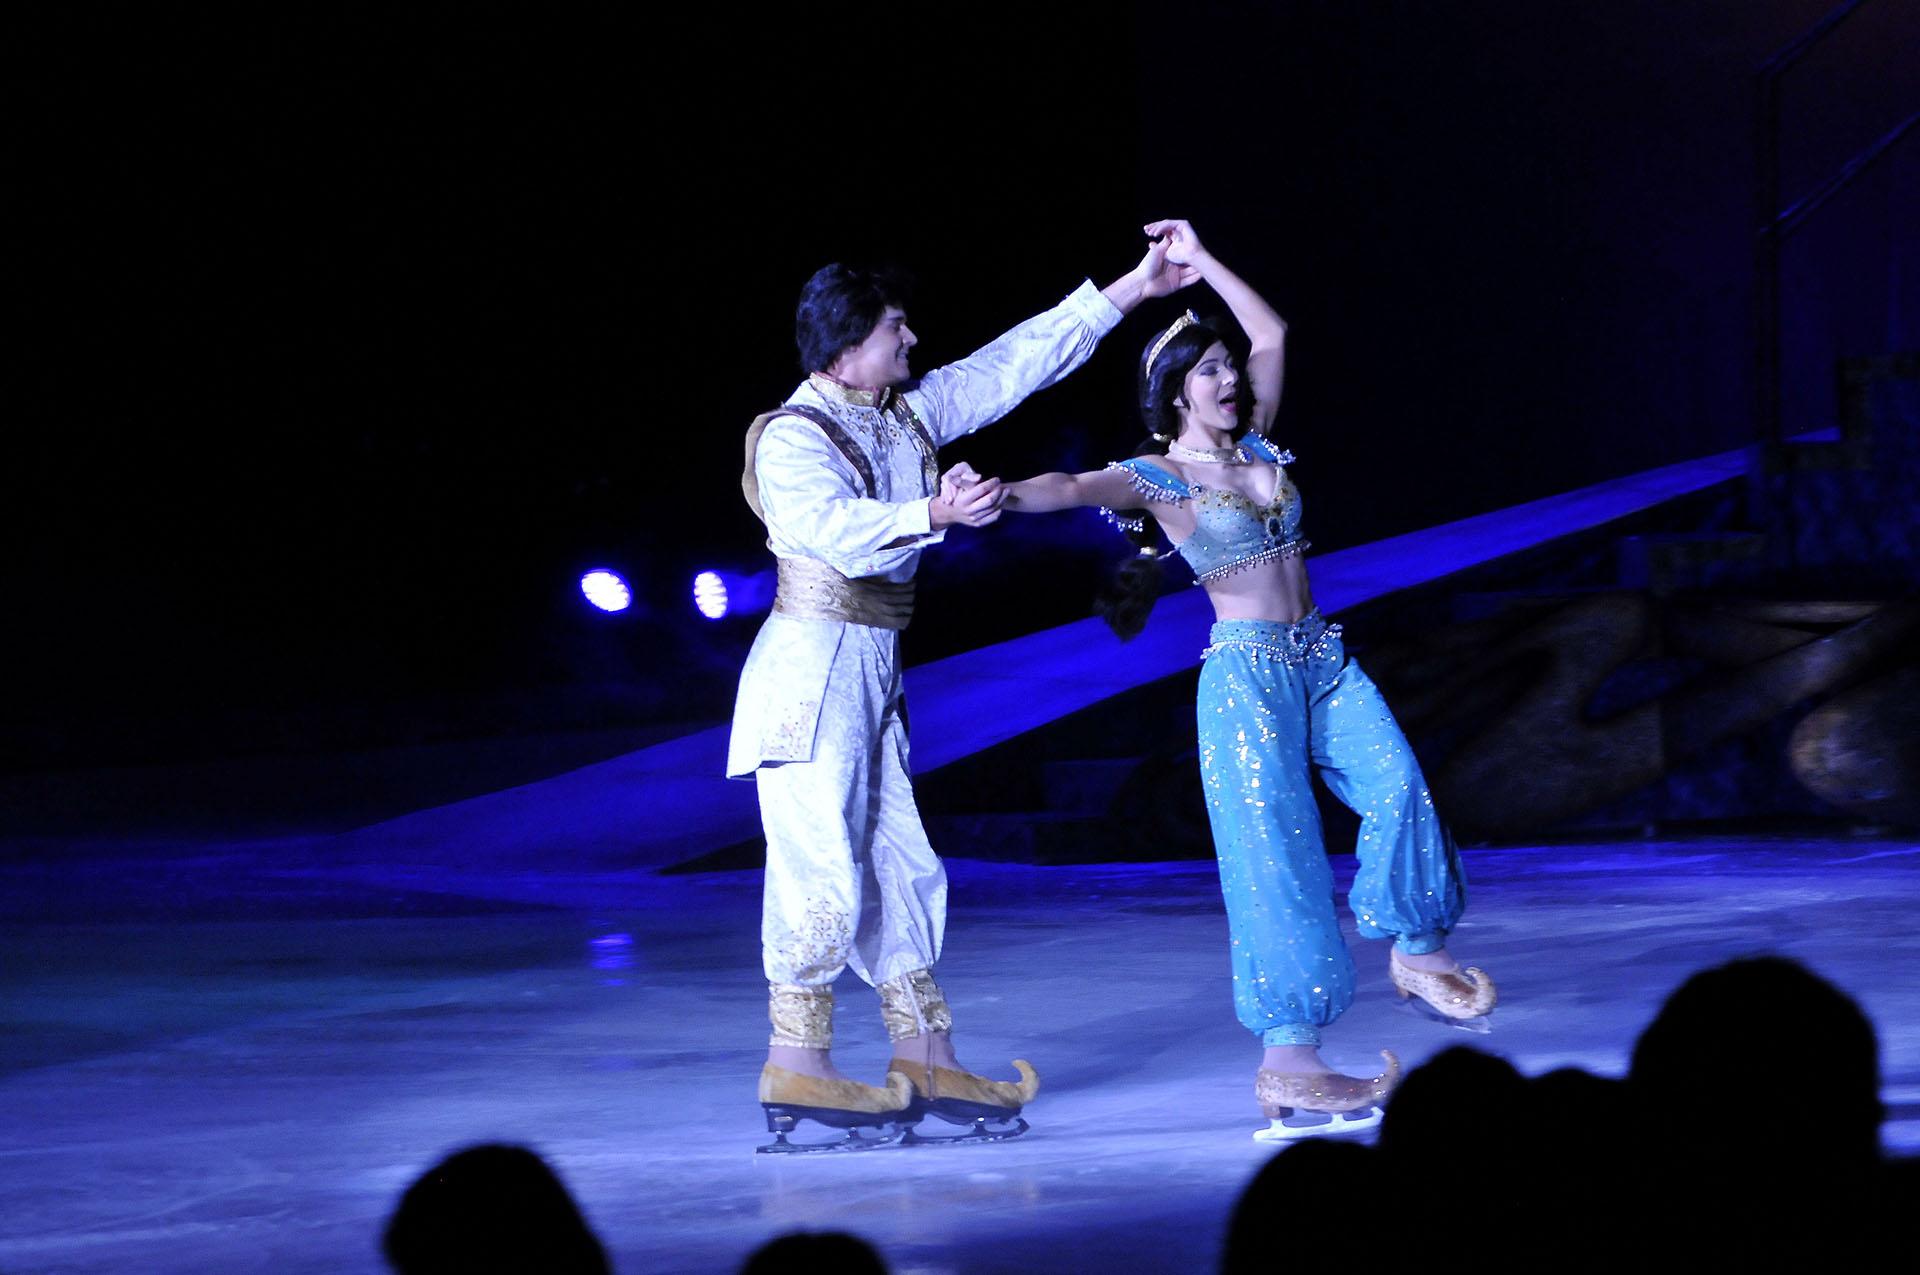 Aladdin y Jazmín brillaron en el escenario